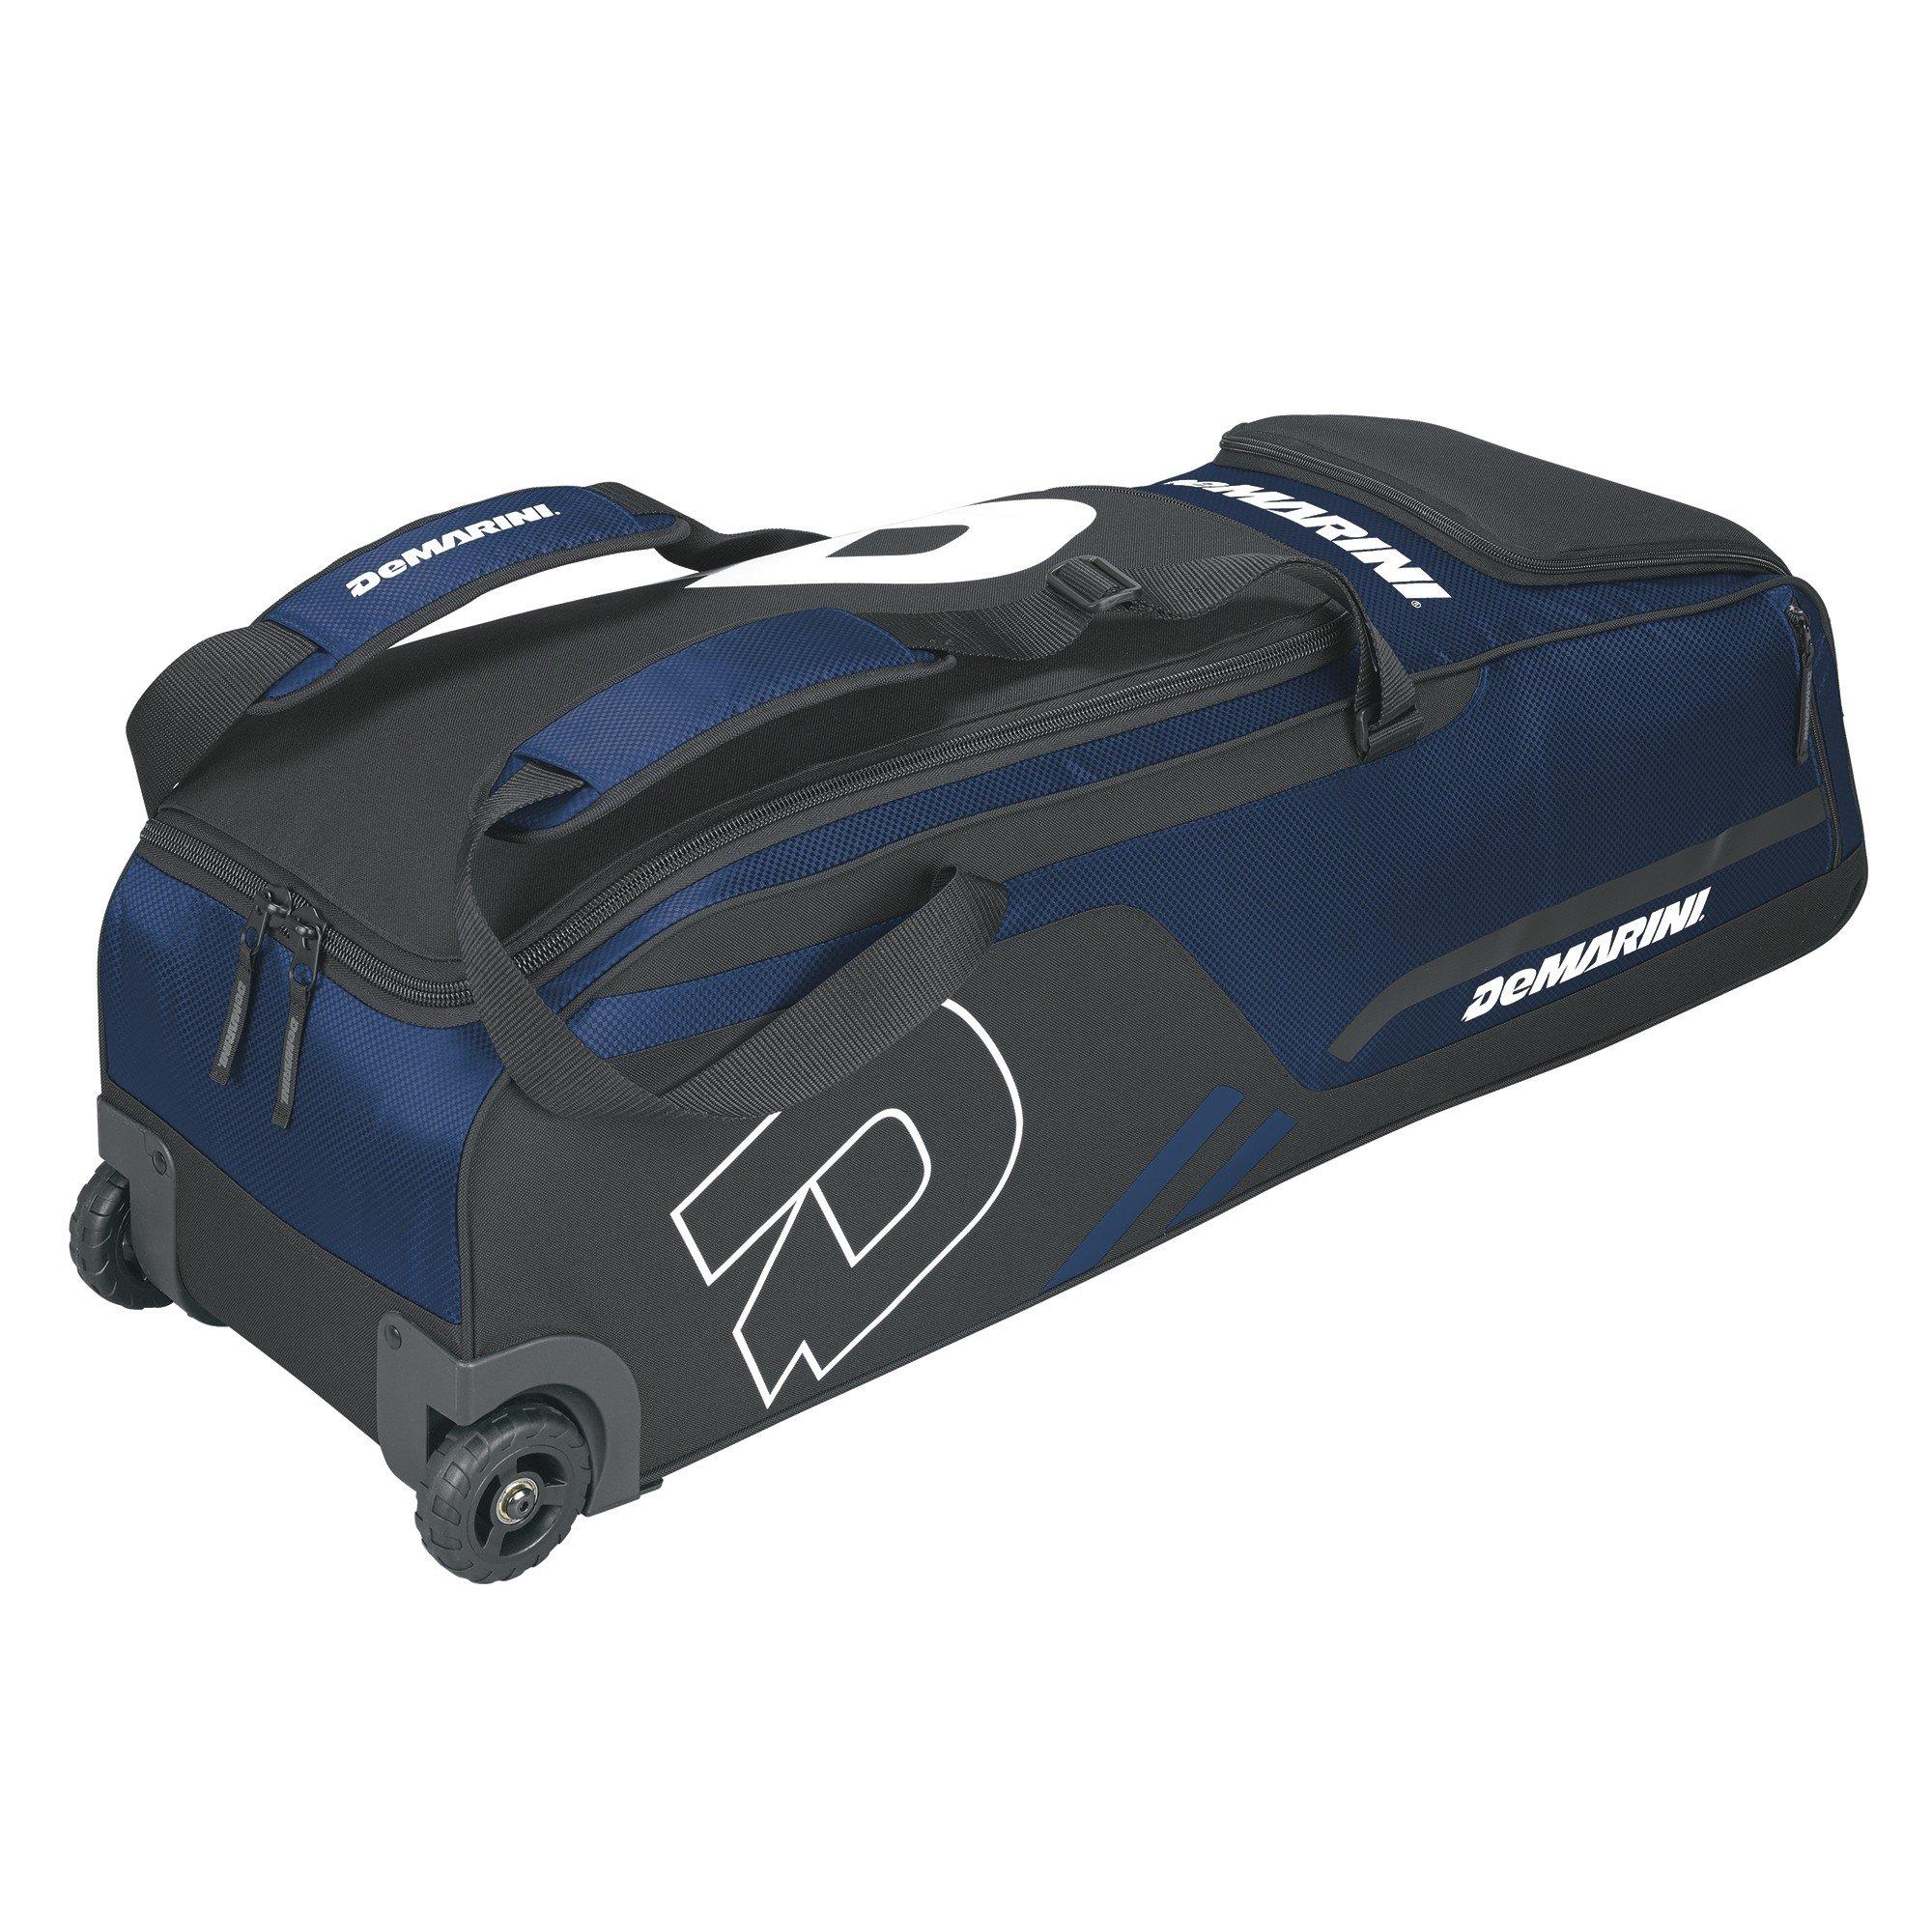 DeMarini Momentum Wheeled Bag, Navy by DeMarini